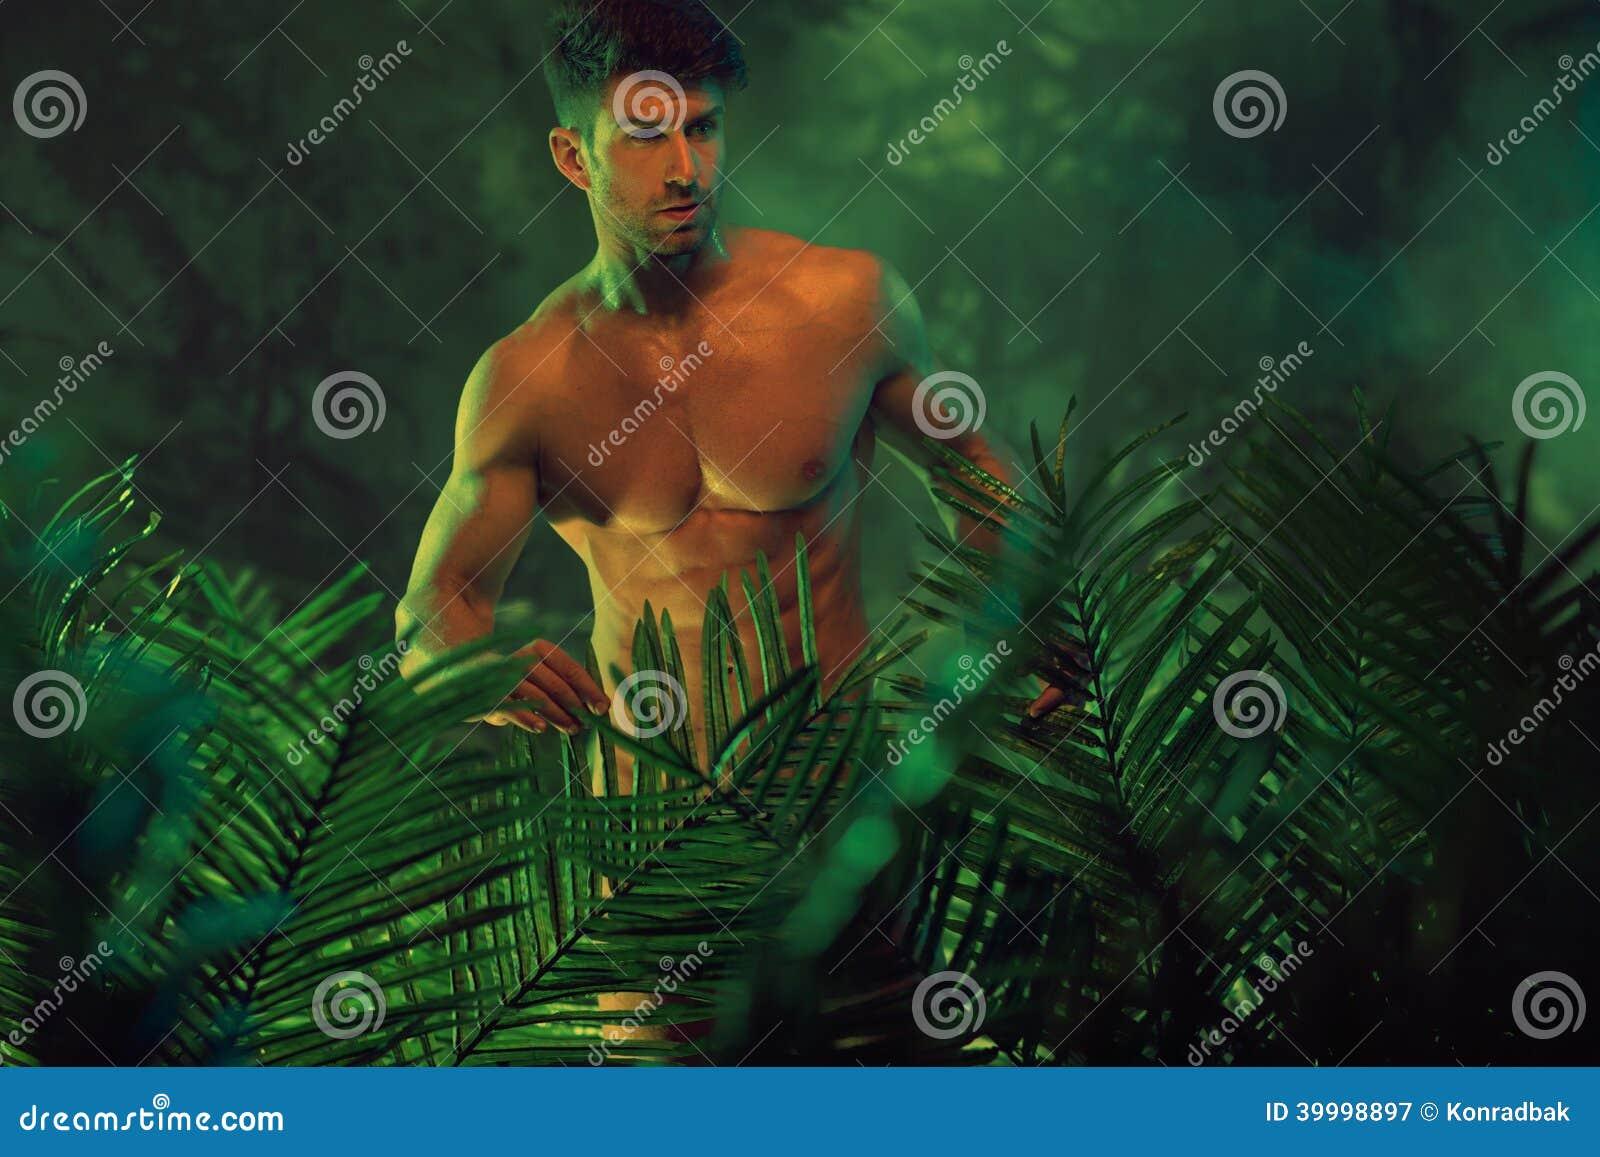 Les 83 meilleures images du tableau nu sur Pinterest